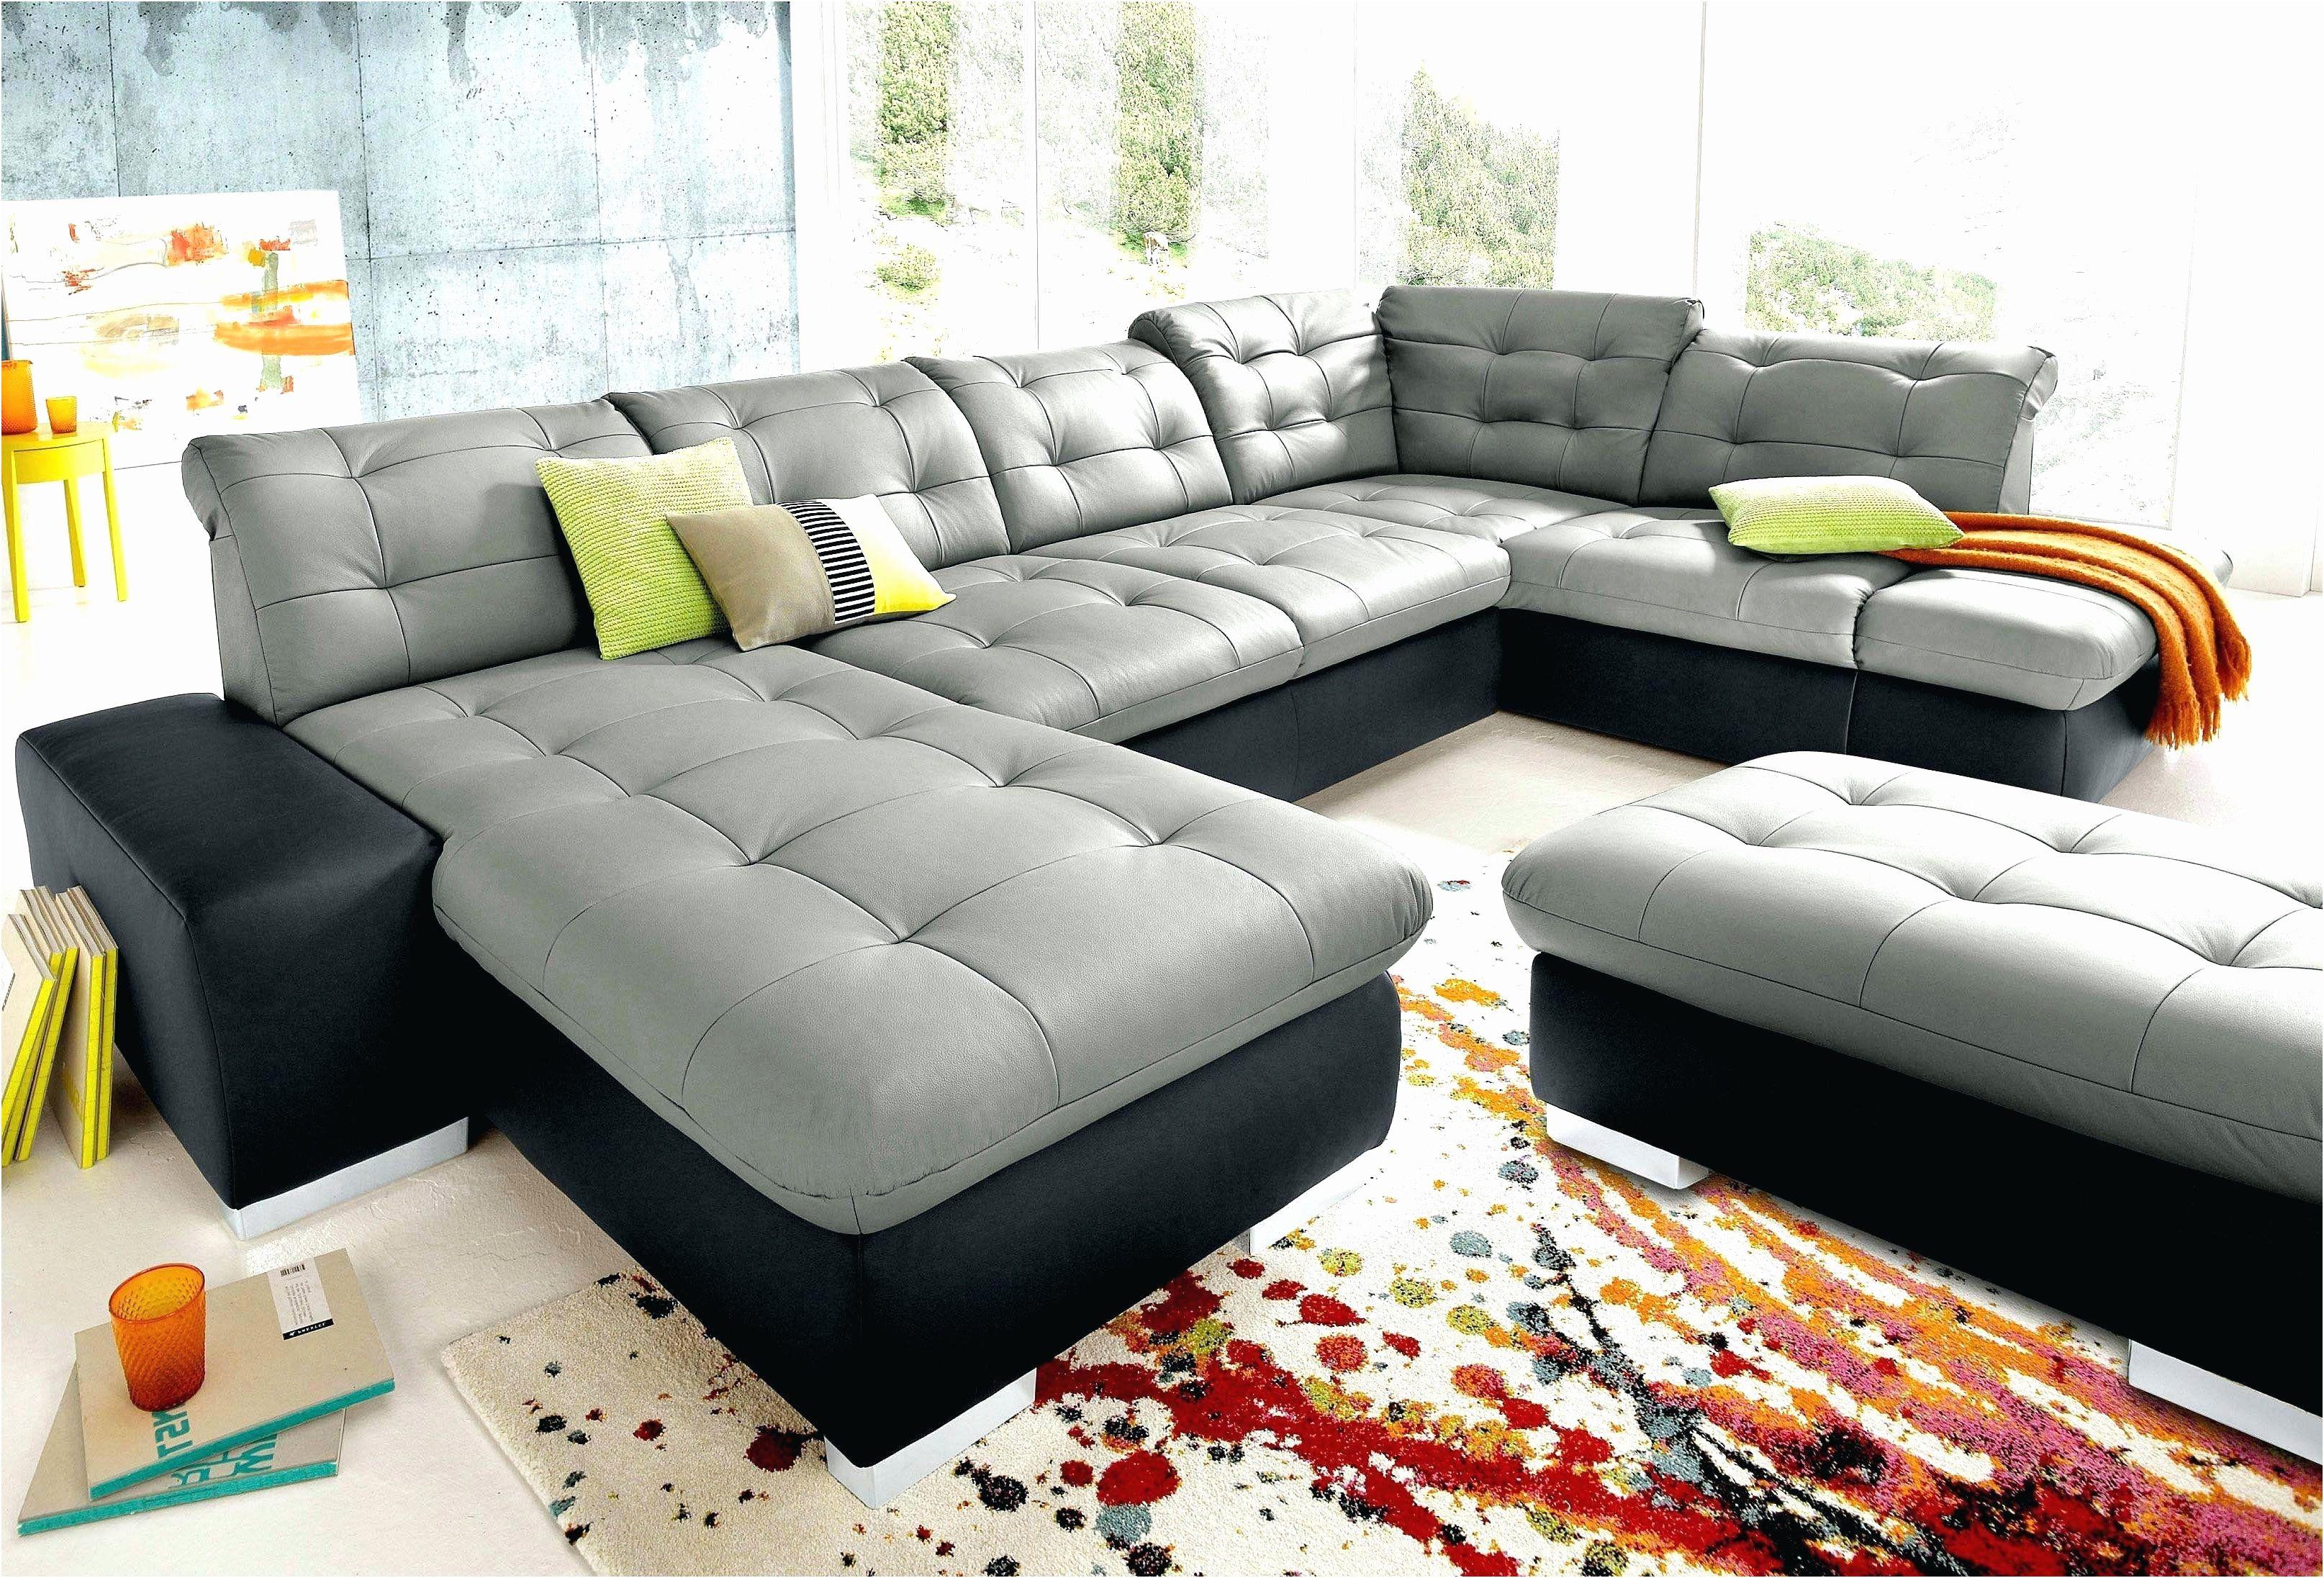 Freizeit Sofa Stoff Kaufen Dengan Gambar